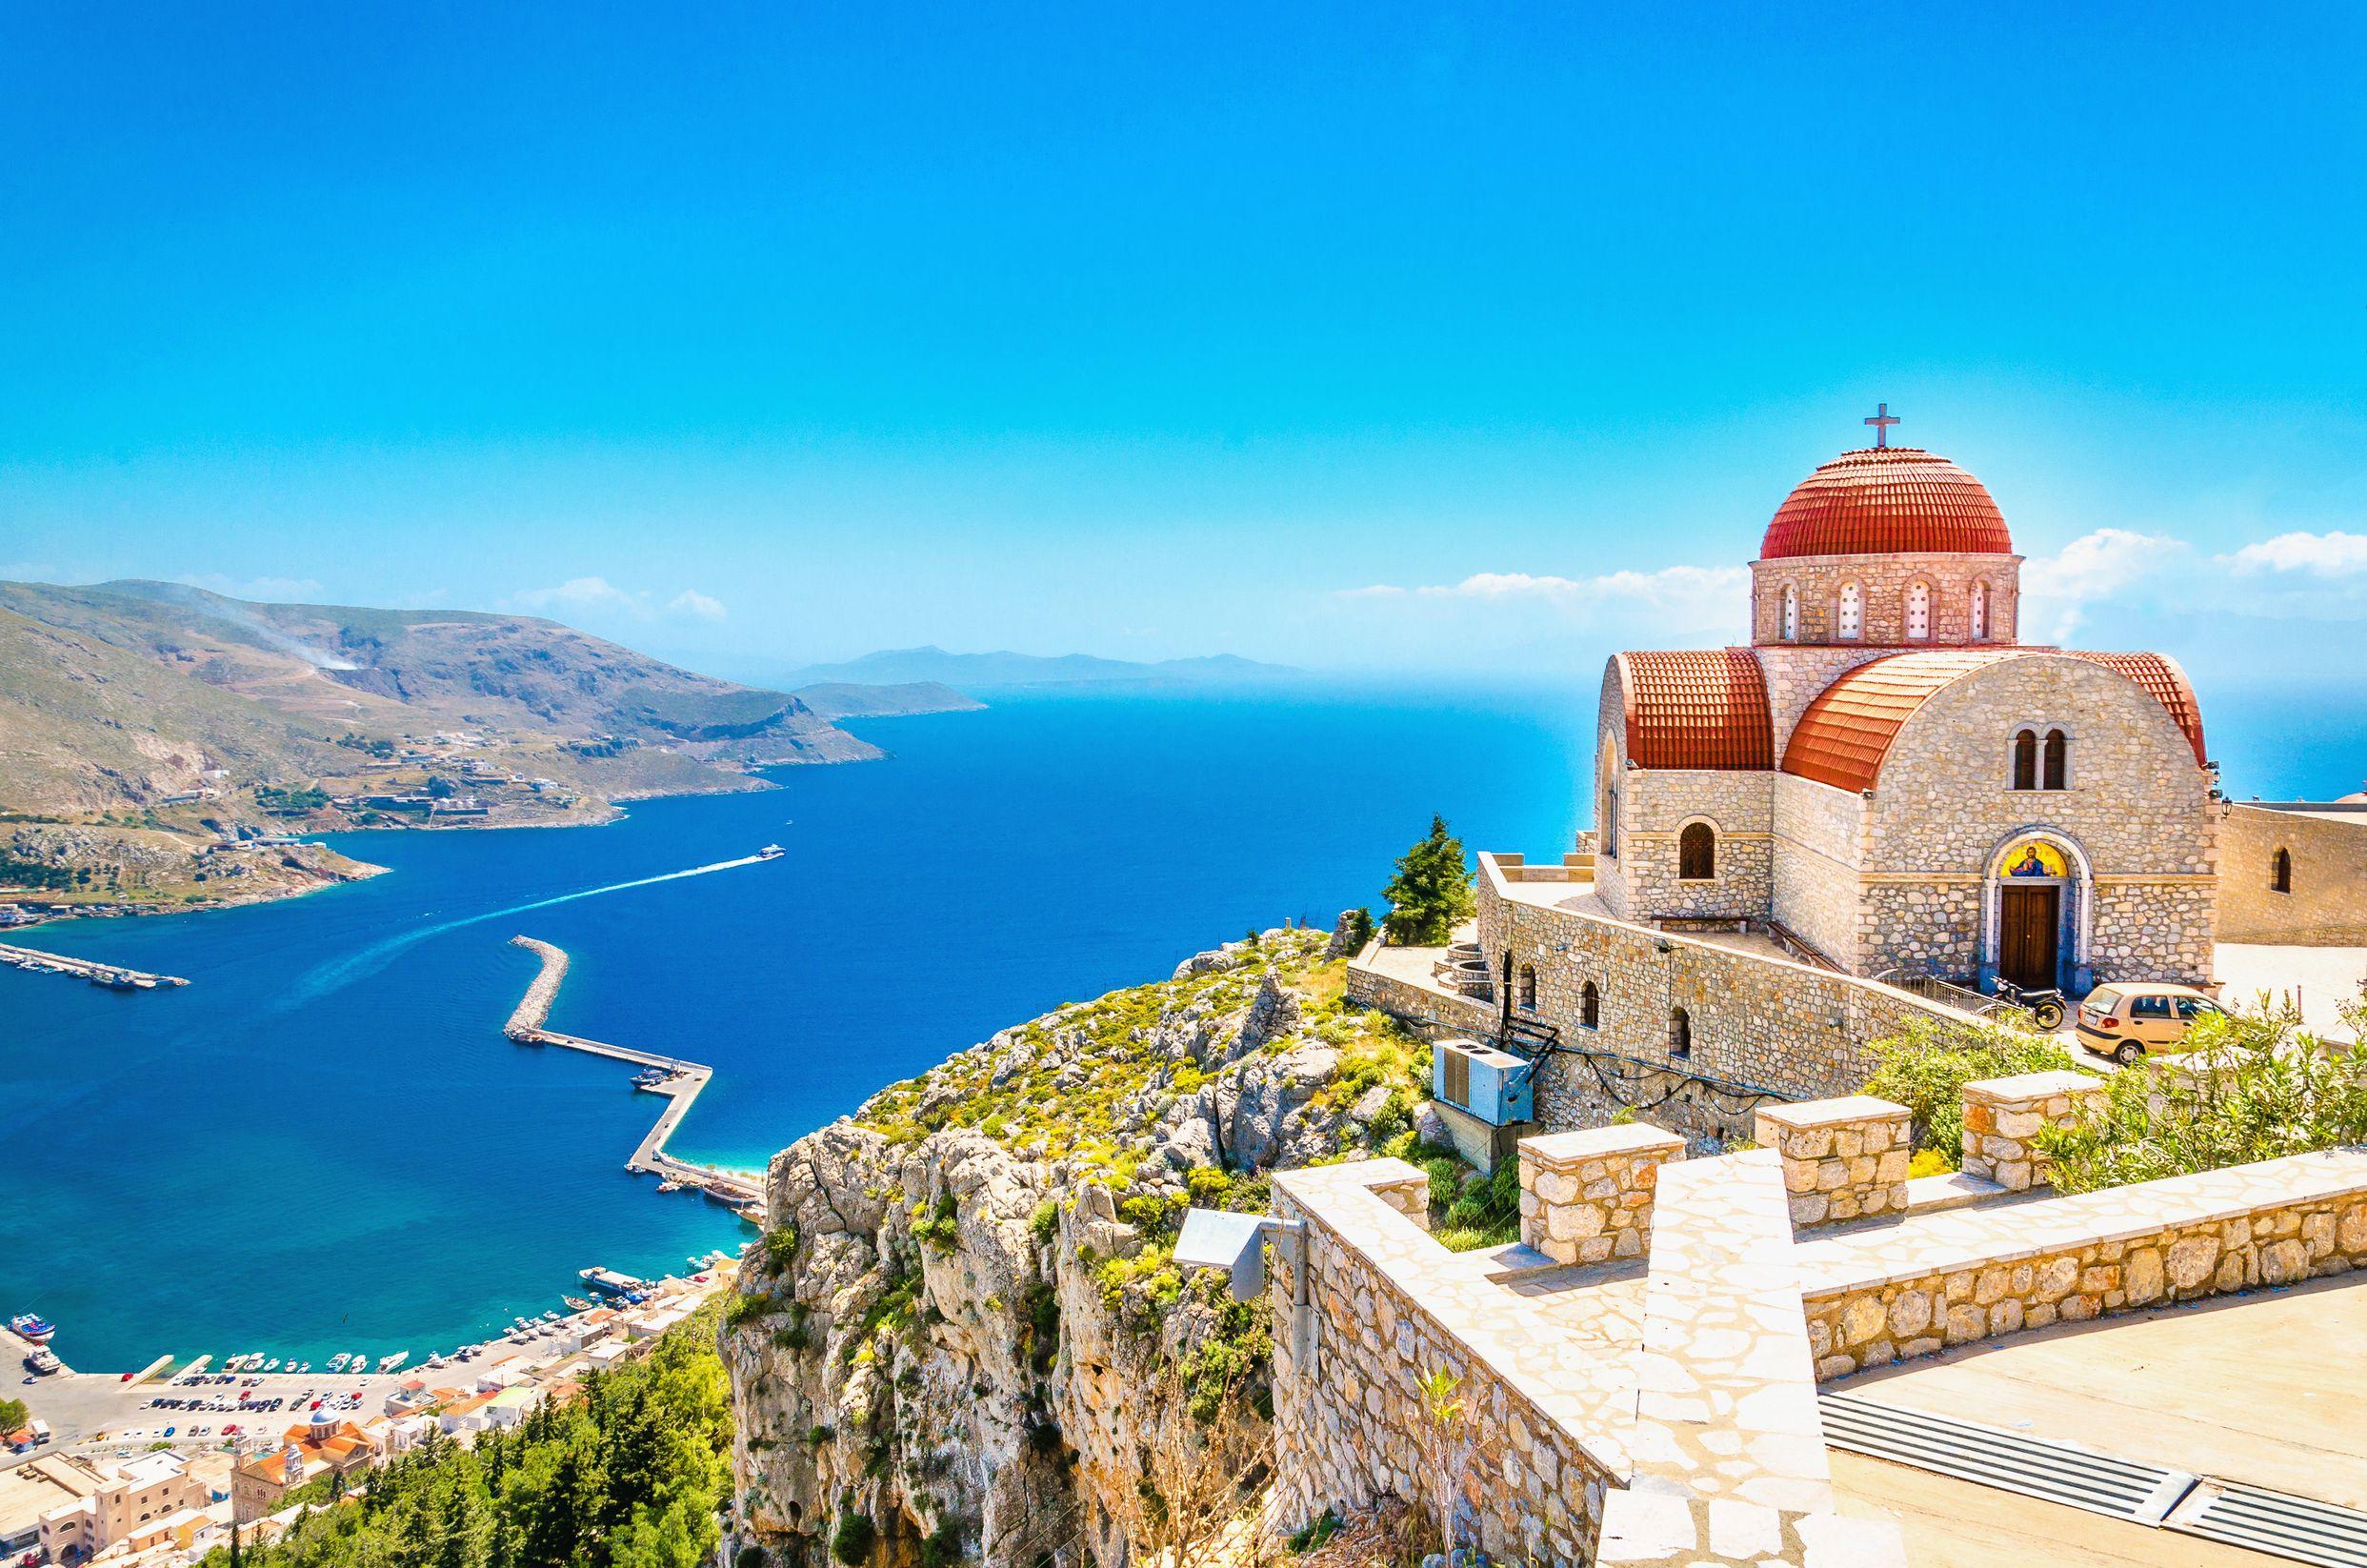 Ο Άγιος Σάββας, από τα ωραιότερα αξιοθέατα της Καλύμνου, αγναντεύει την Πόθια από ψηλά